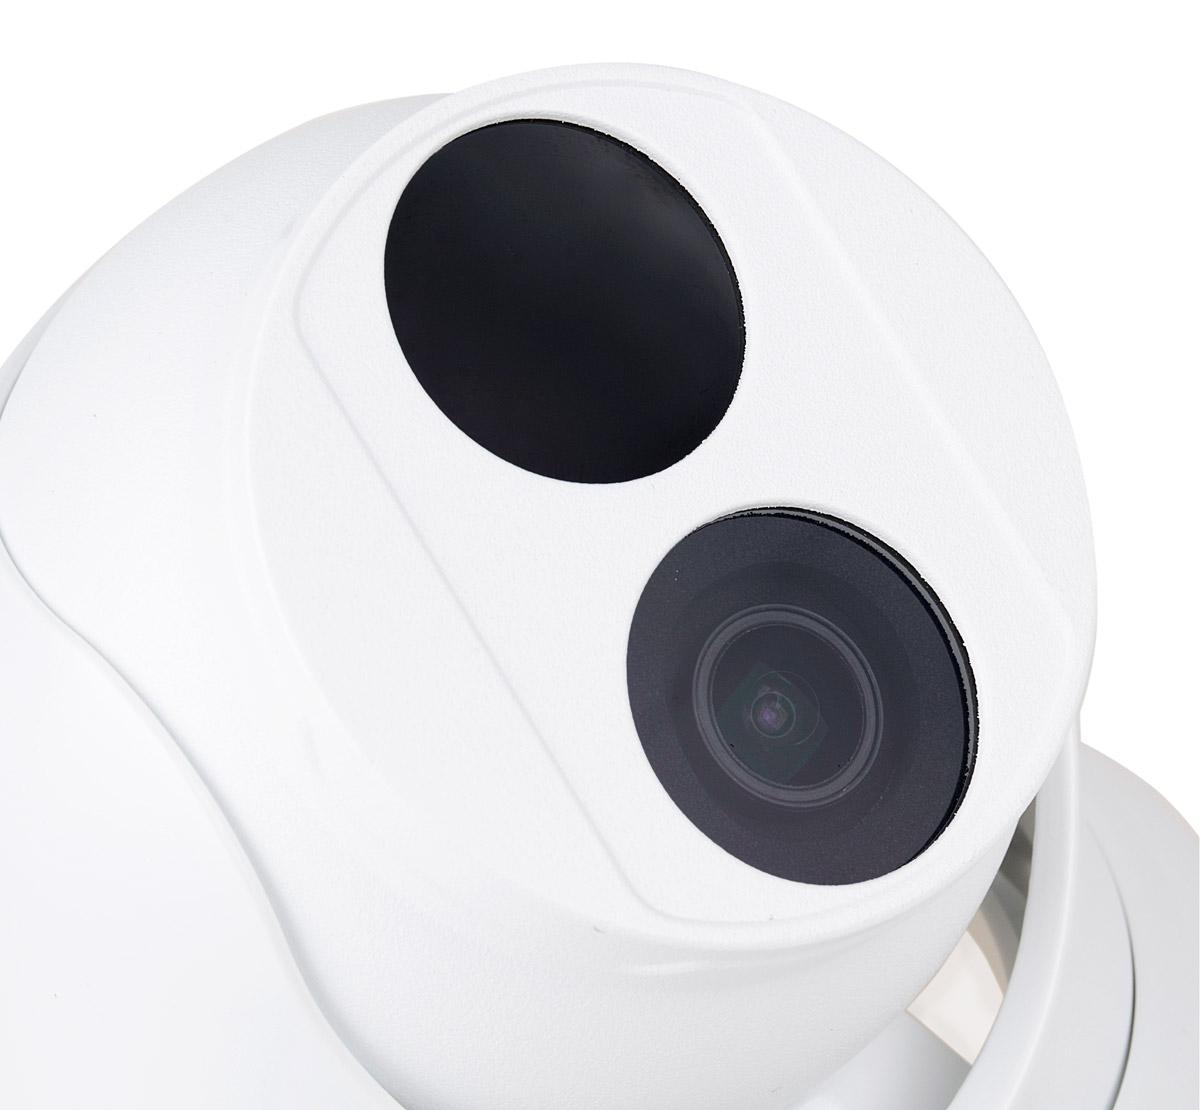 Obiektyw i oświetlacz kamery BCS-P212R3